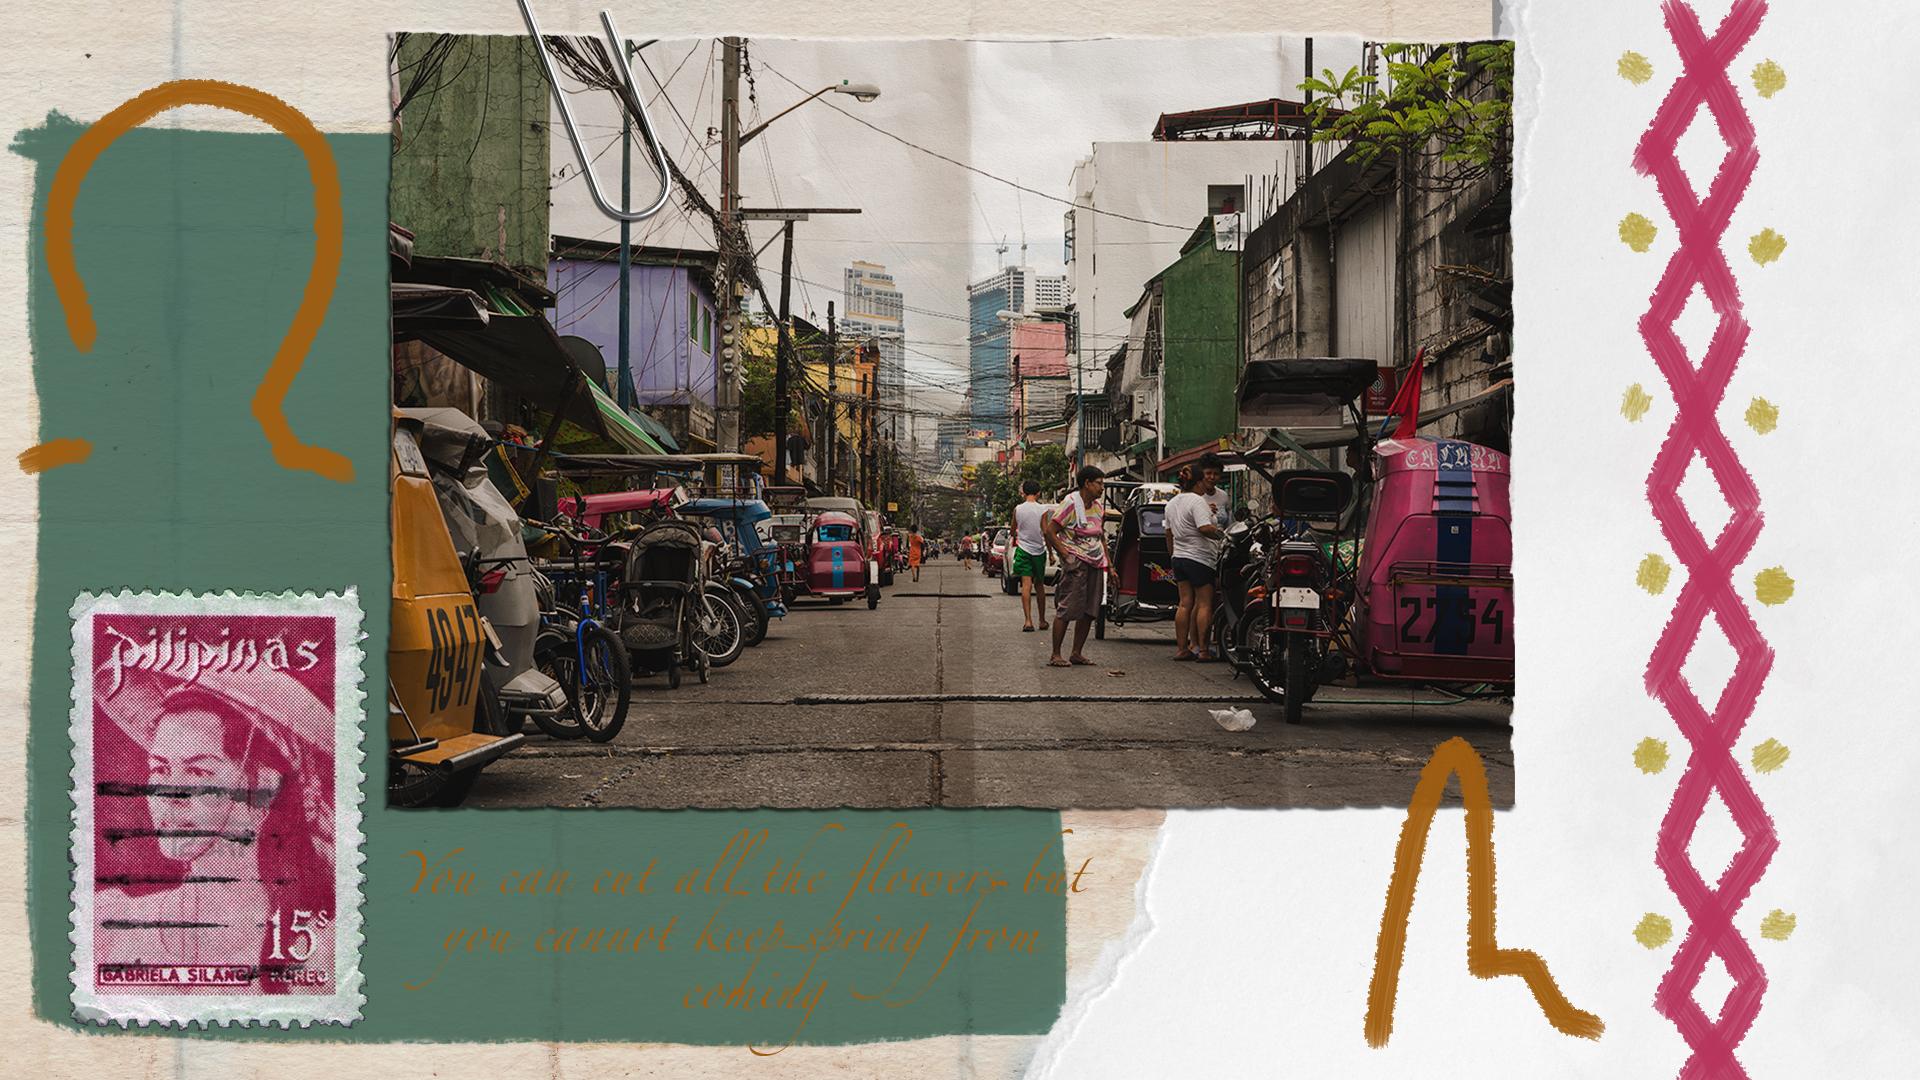 PhilippinesLookbook1.jpg